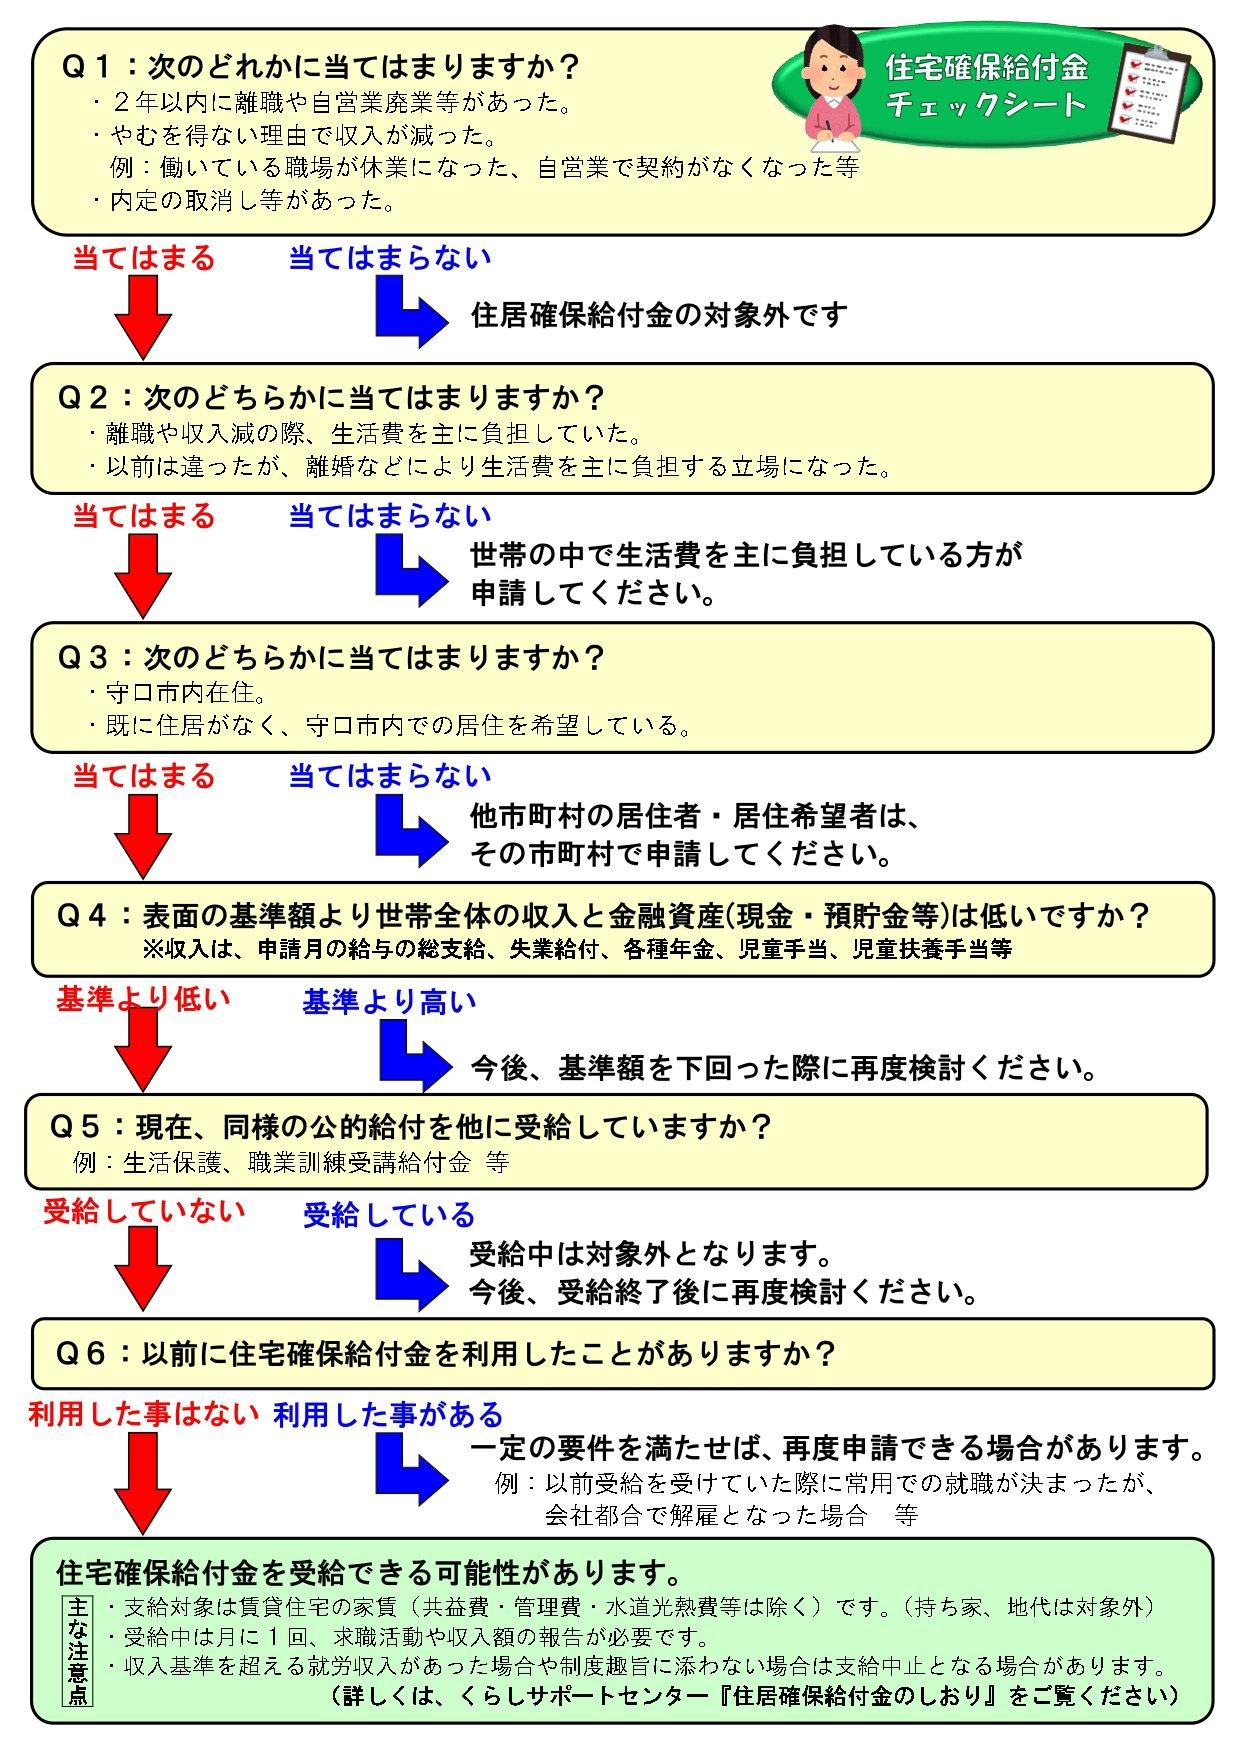 くらサポニュース2020年6月号_page-0002.jpg